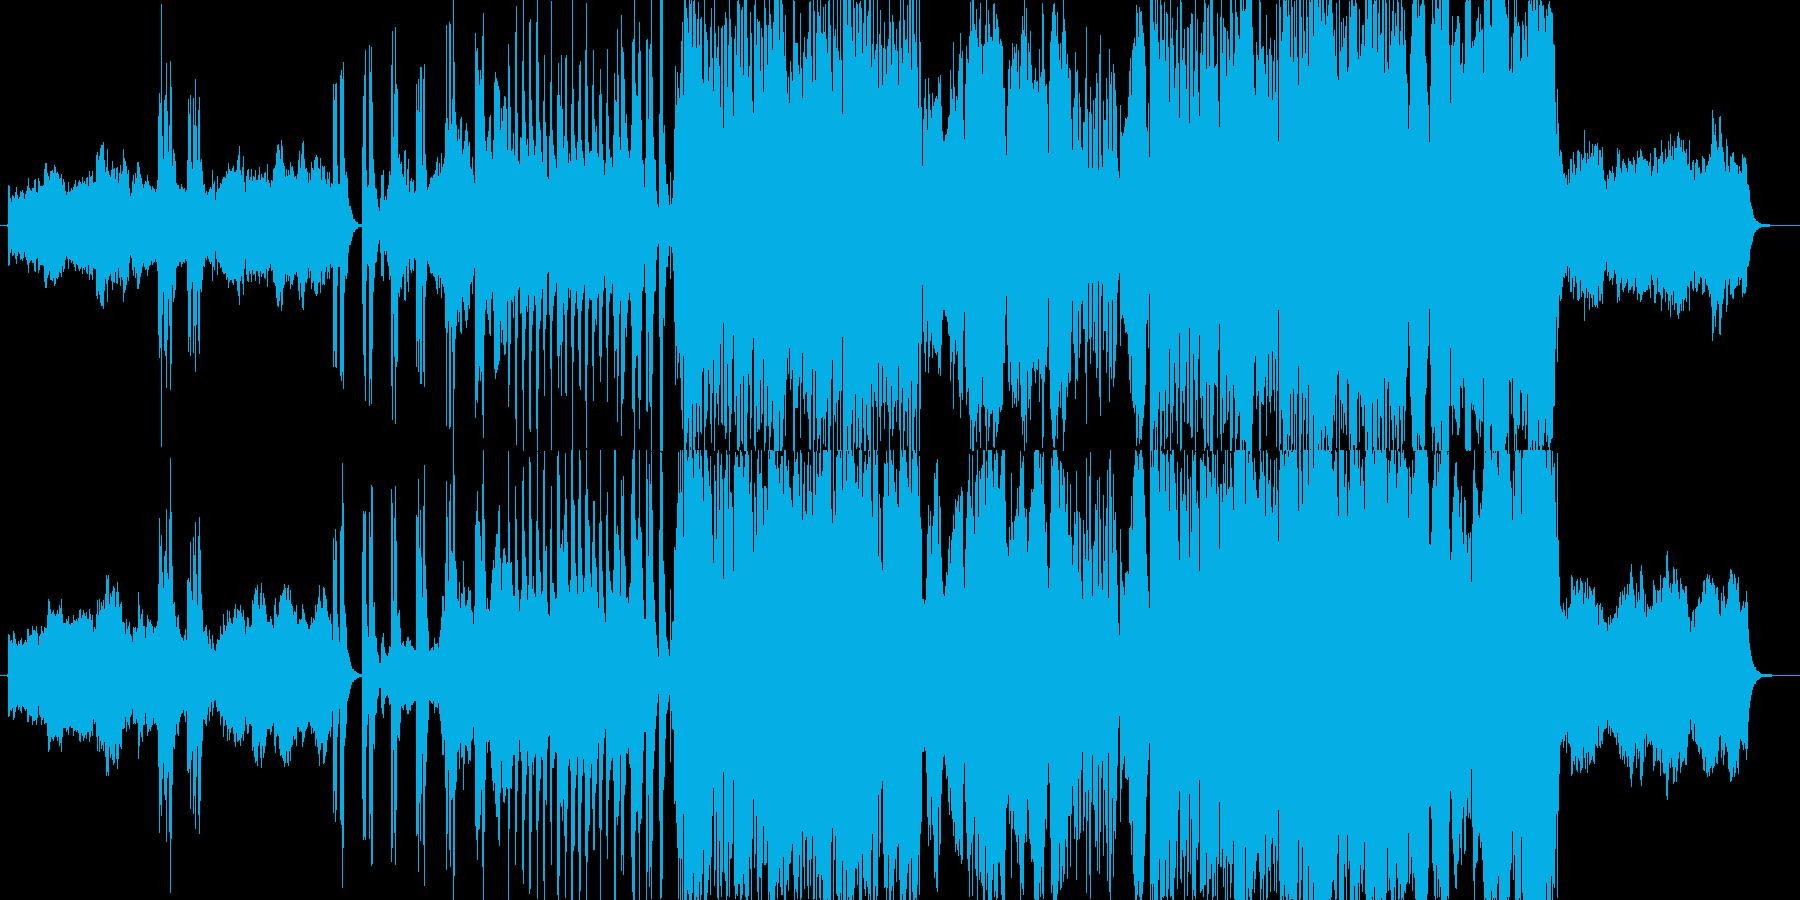 暗さの中にも勇壮さがあるストリングス曲の再生済みの波形